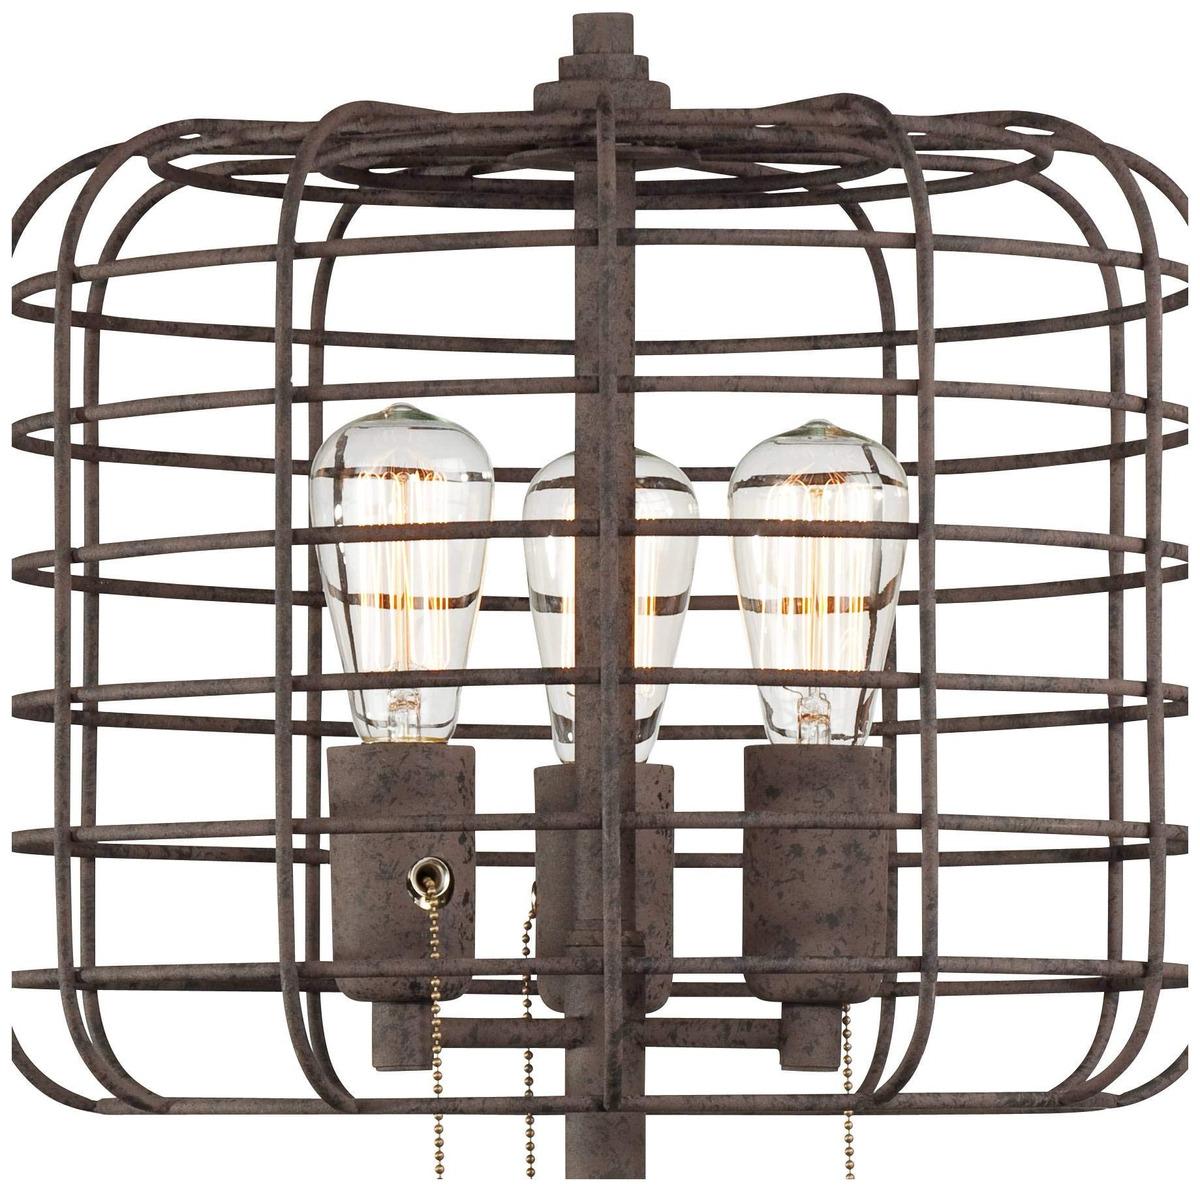 Industrial Table Lamp Rustic Metal Cage Accent Edison Bulb F 1 227 900 En Mercado Libre